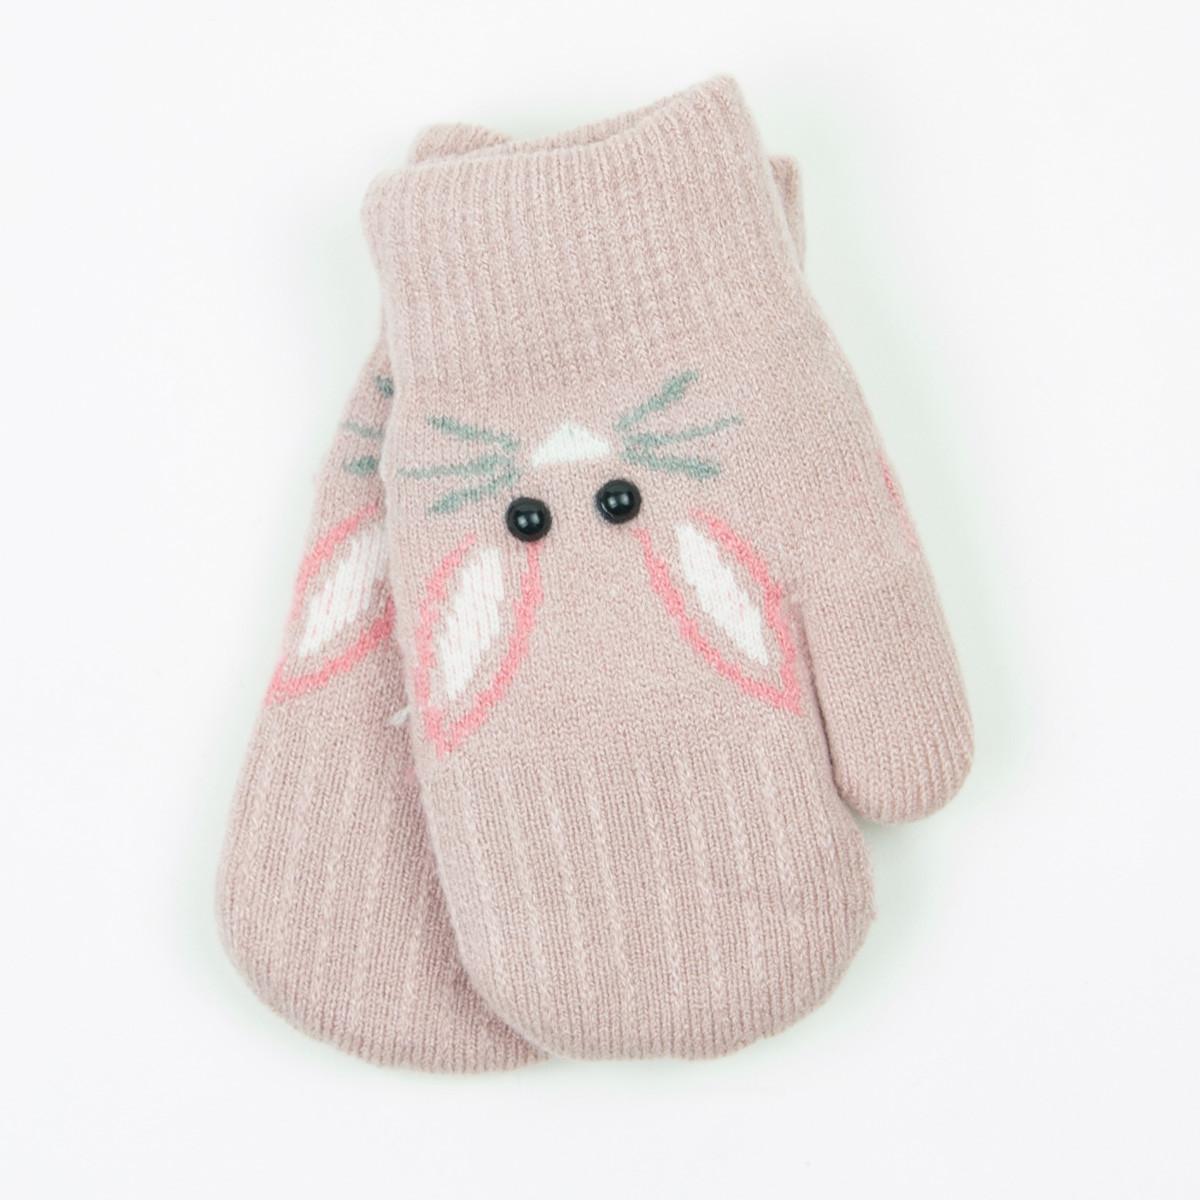 Детские варежки с меховой подкладкой на 4-6 лет - 19-7-66 - Темно-розовый